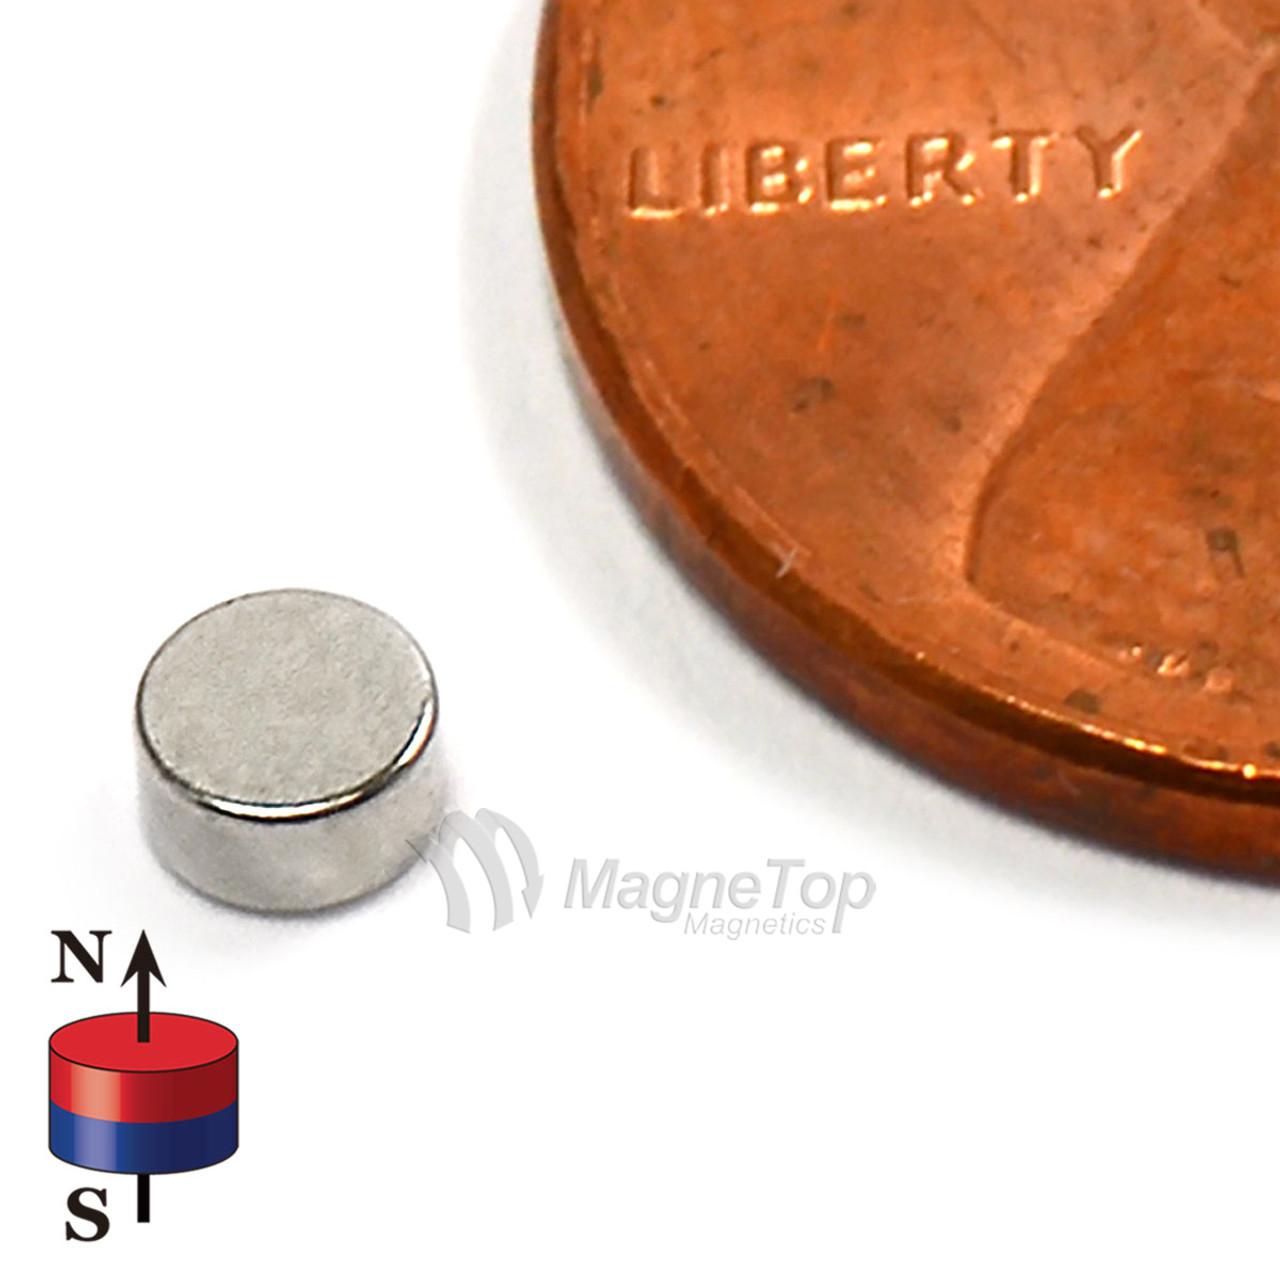 Neodymium Disk - 3mm x 1.5mm